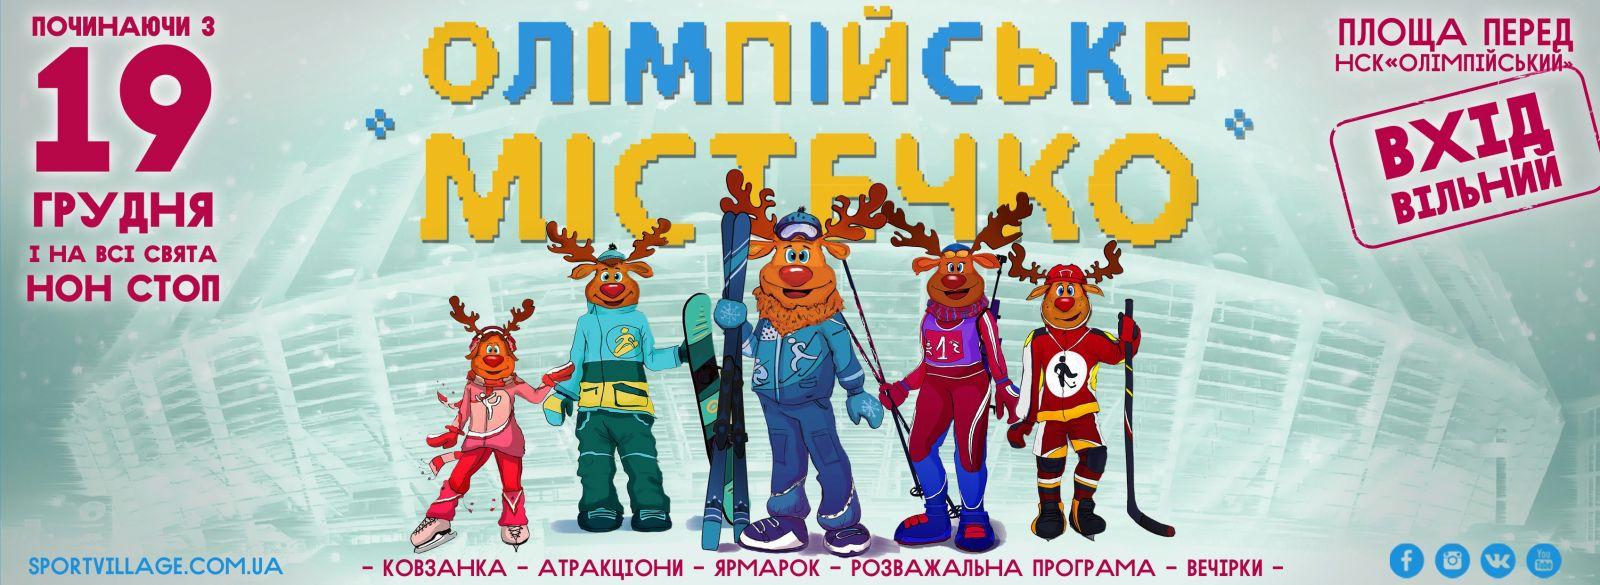 Куда пойти с детьми: новогодние каникулы в Киеве - фото №7